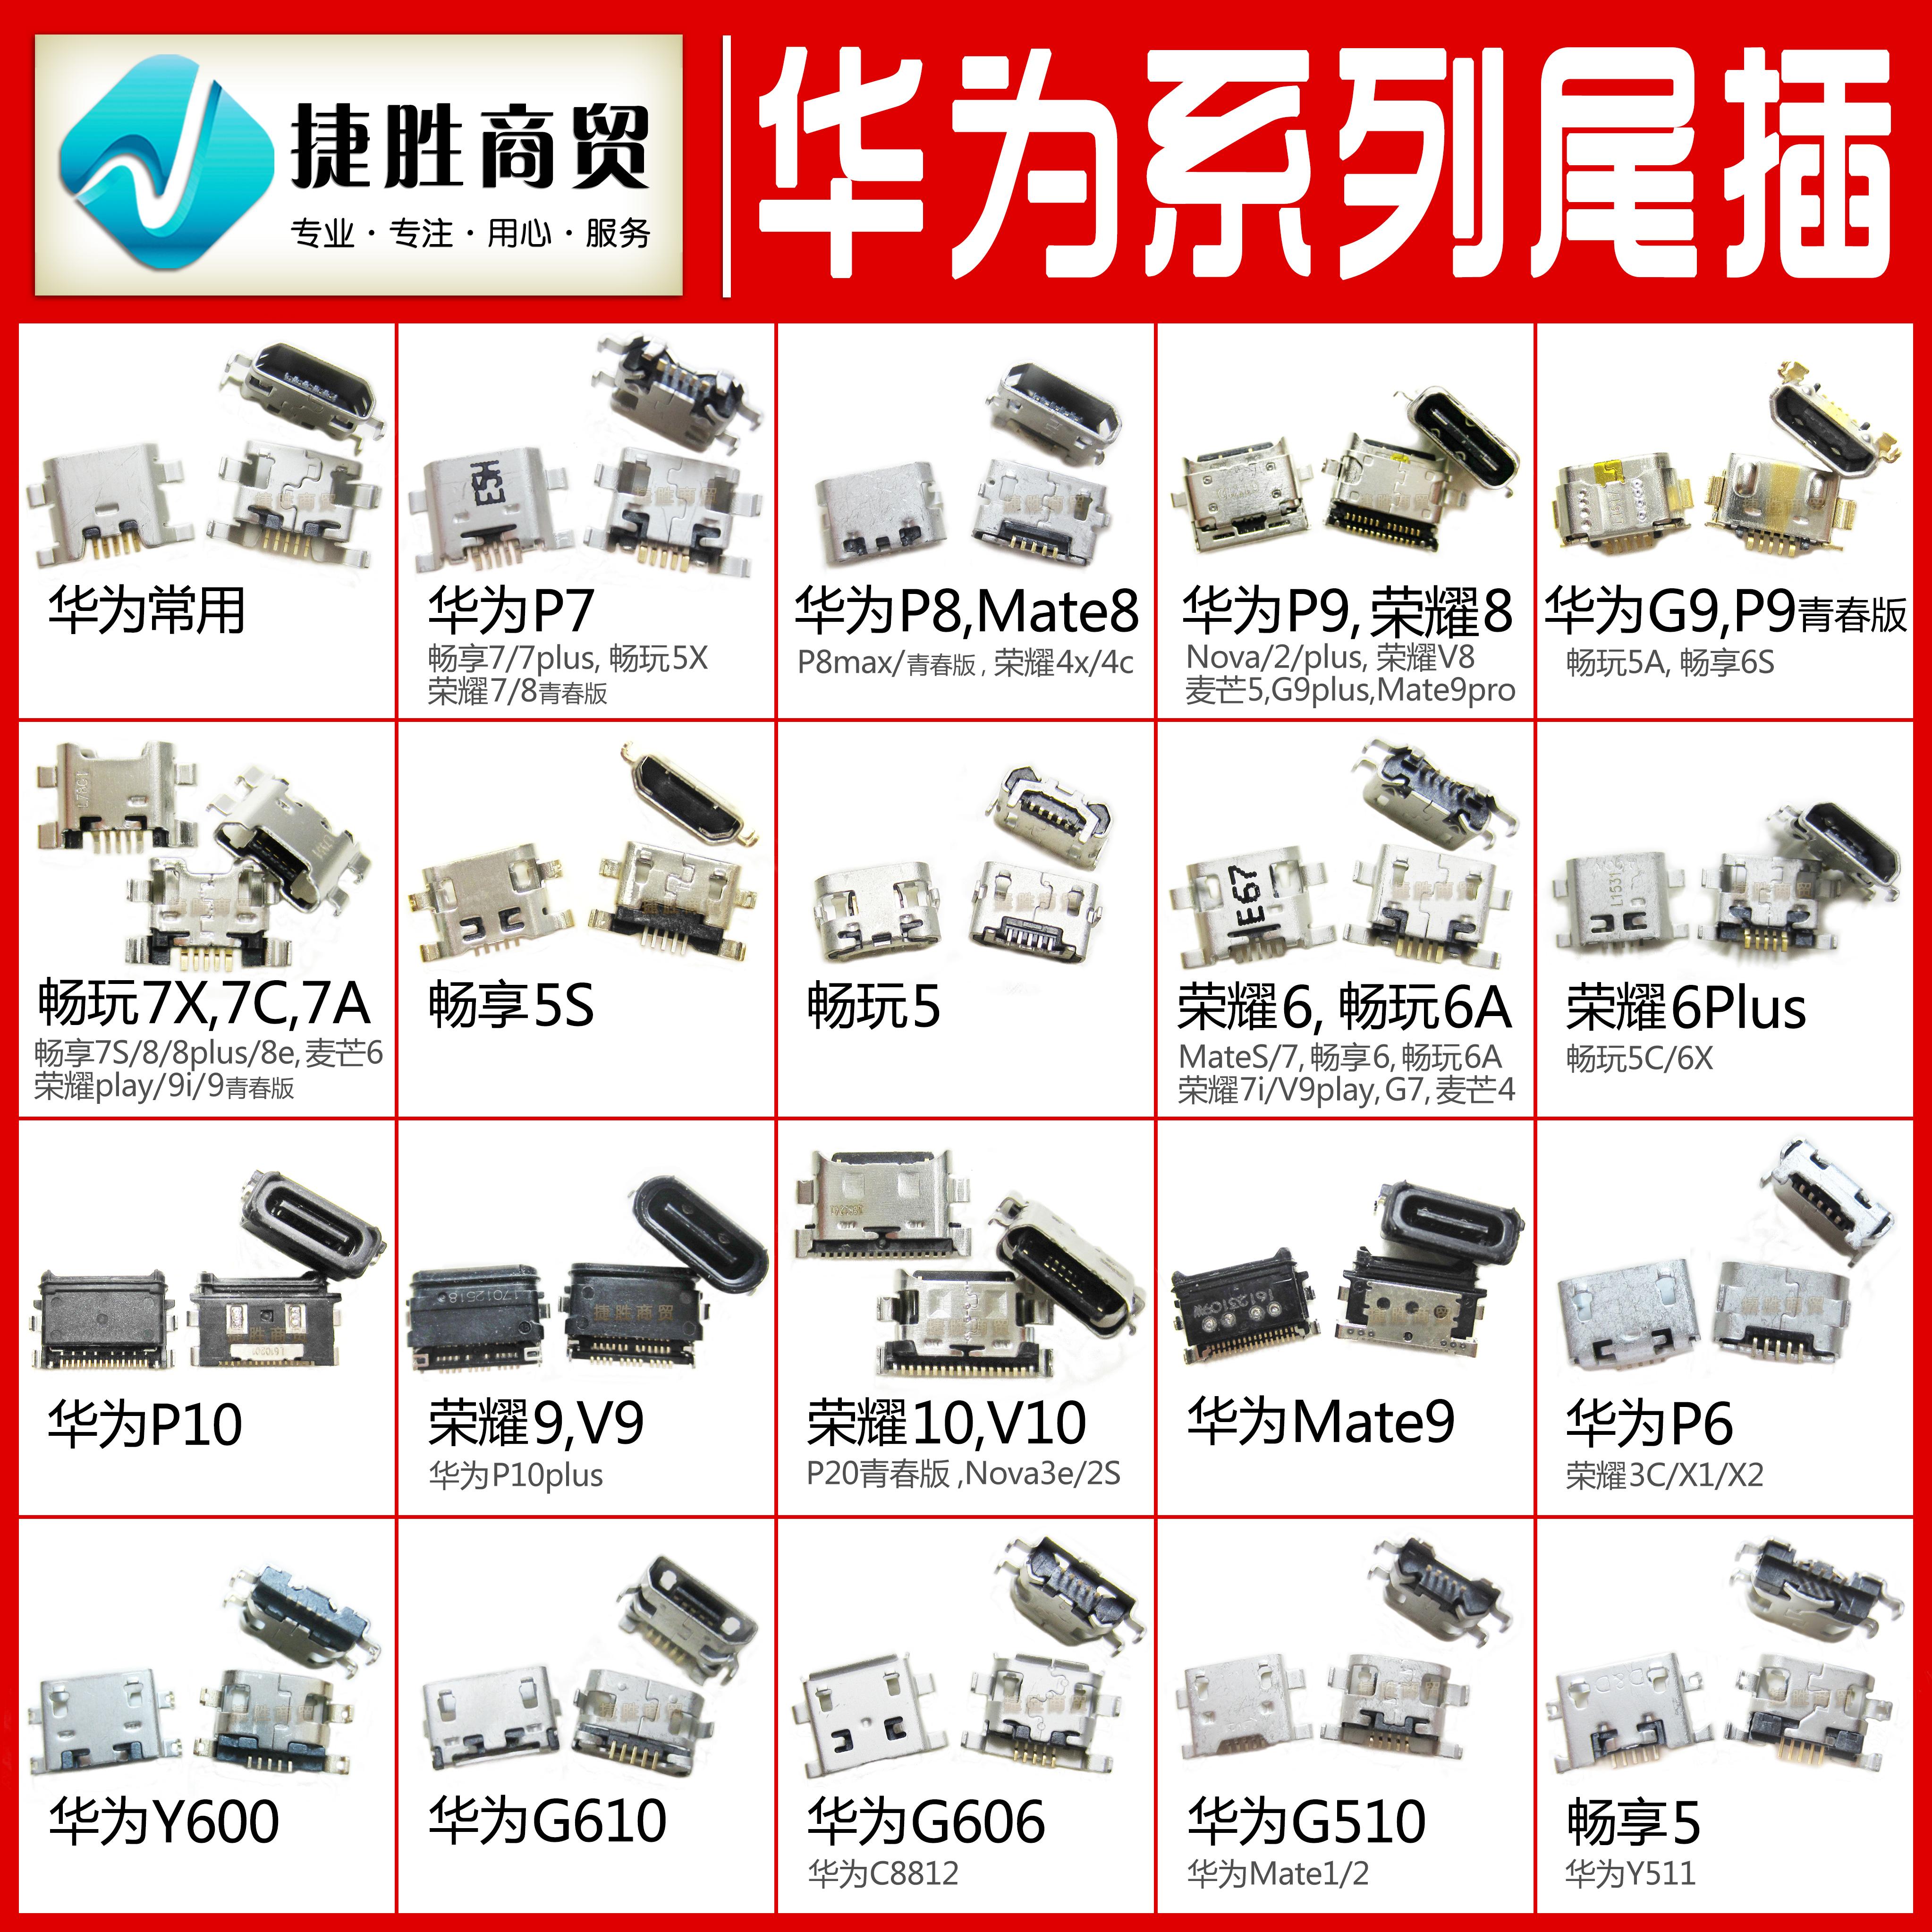 手机尾插 国产安卓智能手机V8口尾插大全通用USB充电尾插接口配件